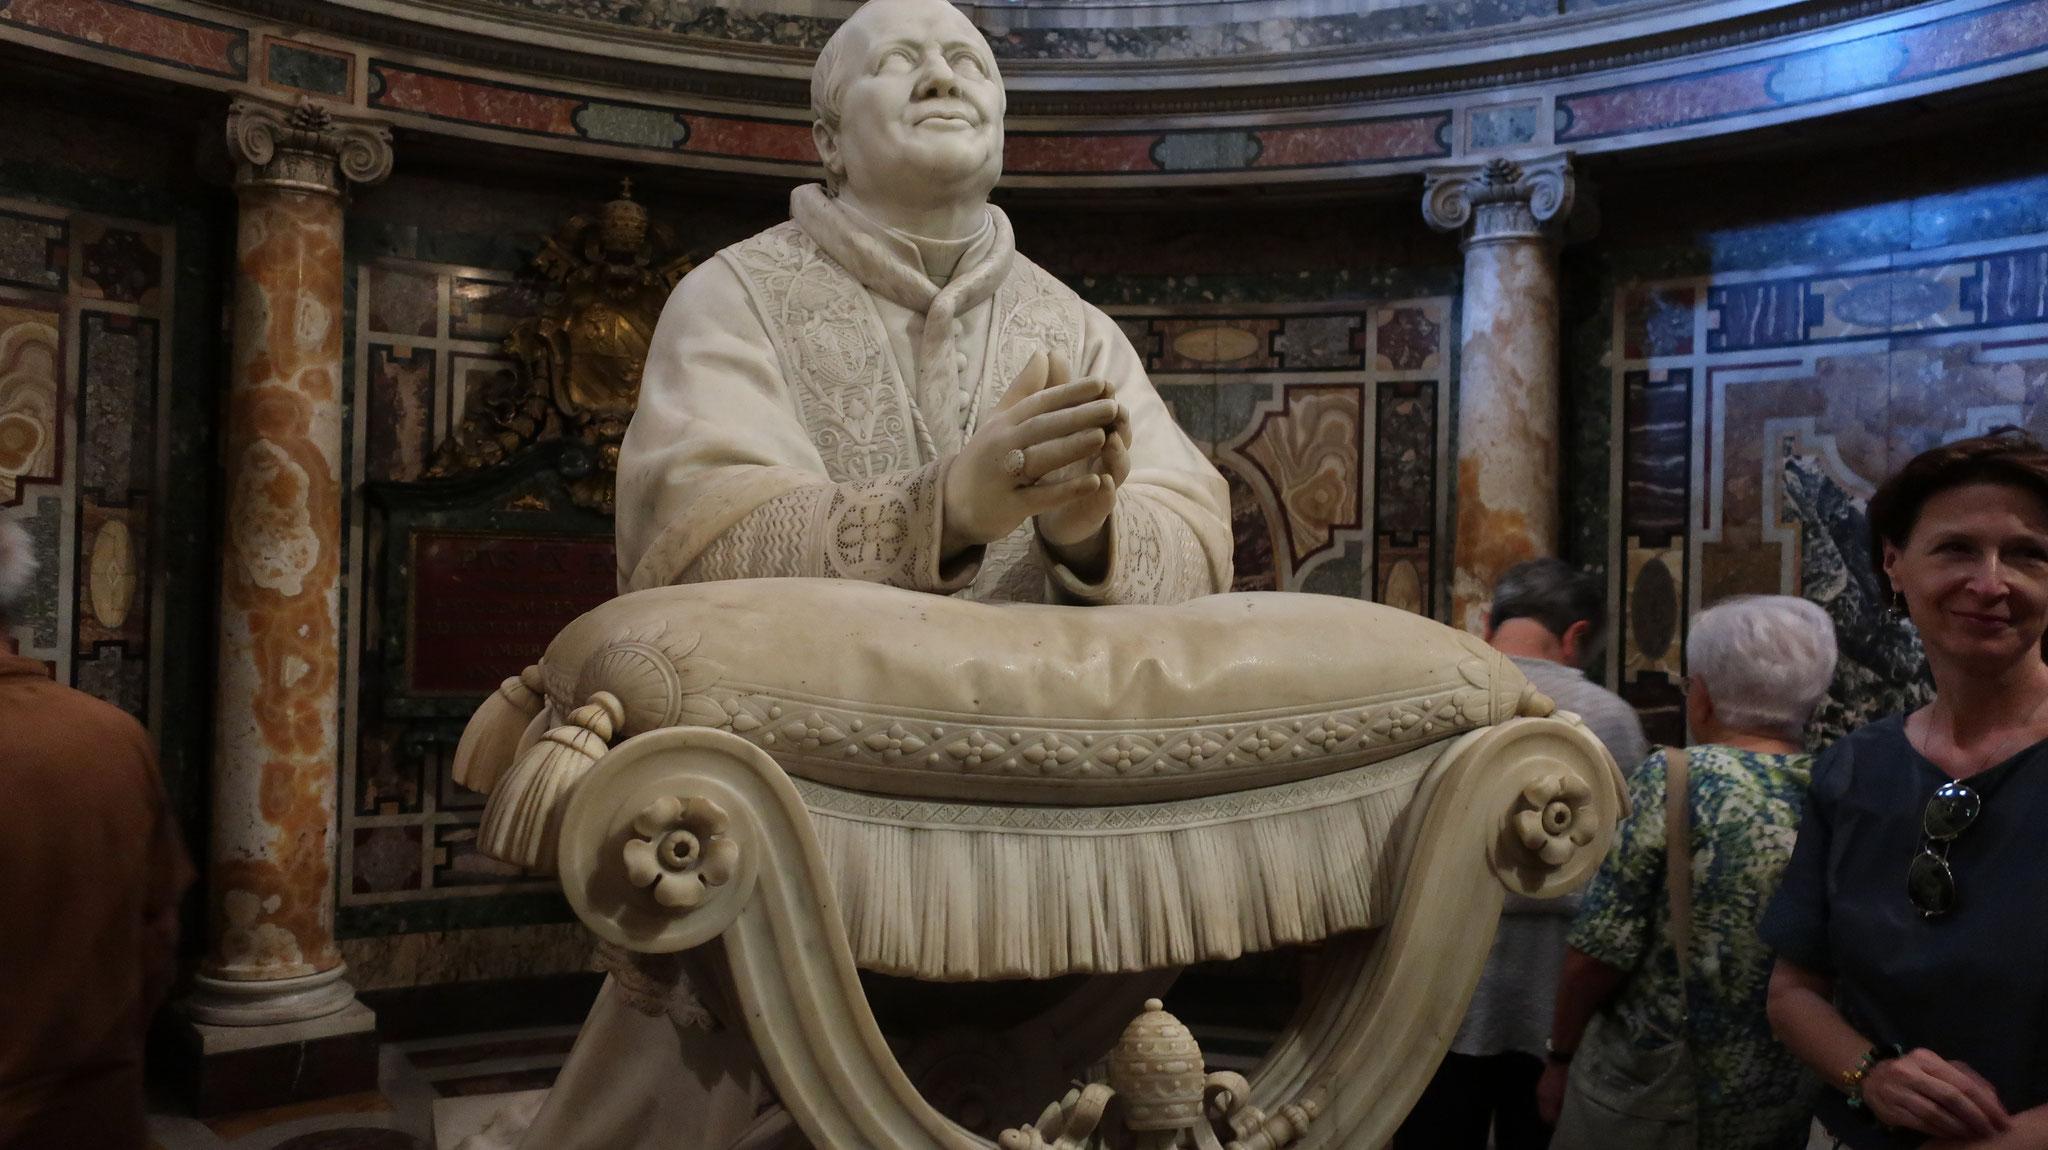 ローマ教皇ピウス9世(18-19世紀)。裸体の男性彫刻のペニスを削り落とし、イチジクの葉を付けろと命じました。 「ピウス9世の大去勢」と呼ばれ、「去勢」された彫刻が多く残っています。